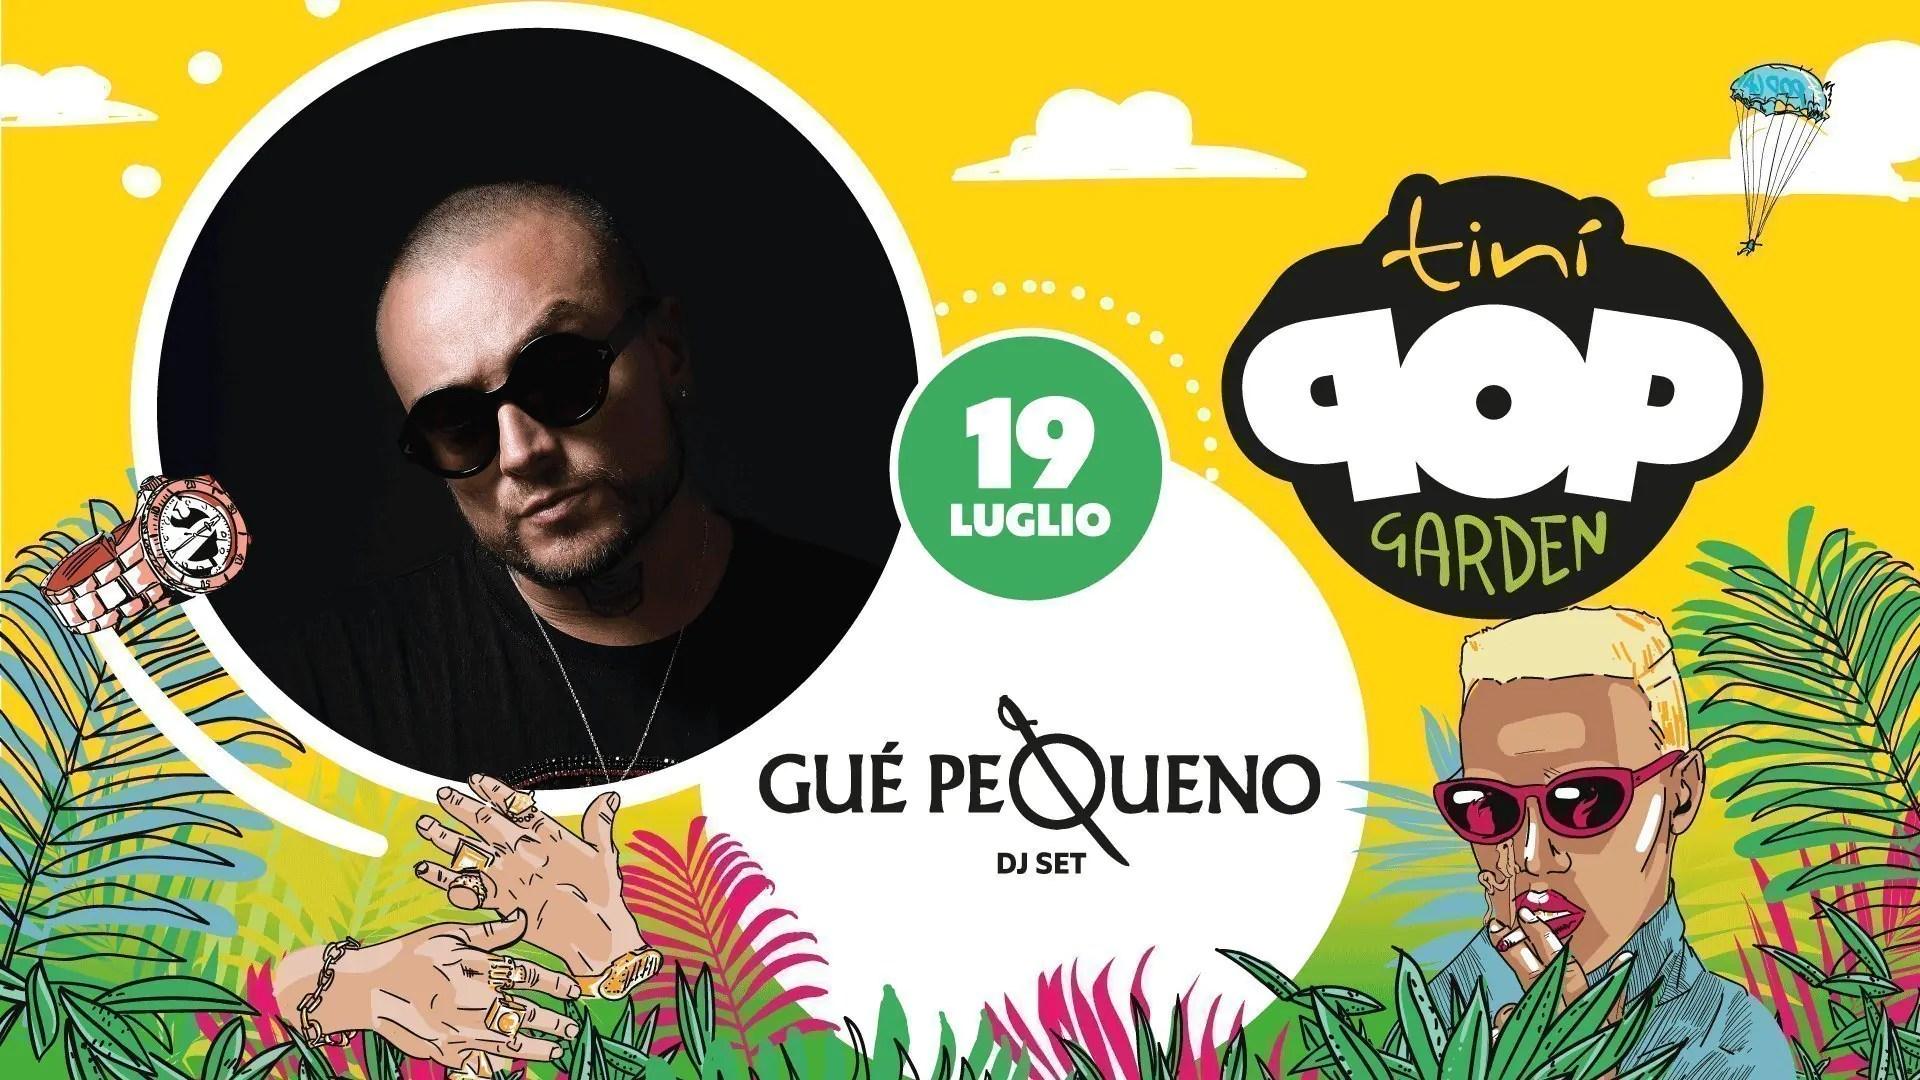 Guè Pequeno al Tinì Soundgarden Cecina – Venerdì 19 Luglio 2019 | Ticket/Biglietti/Prevendite 18APP Tavoli Pacchetti hotel Prevendite